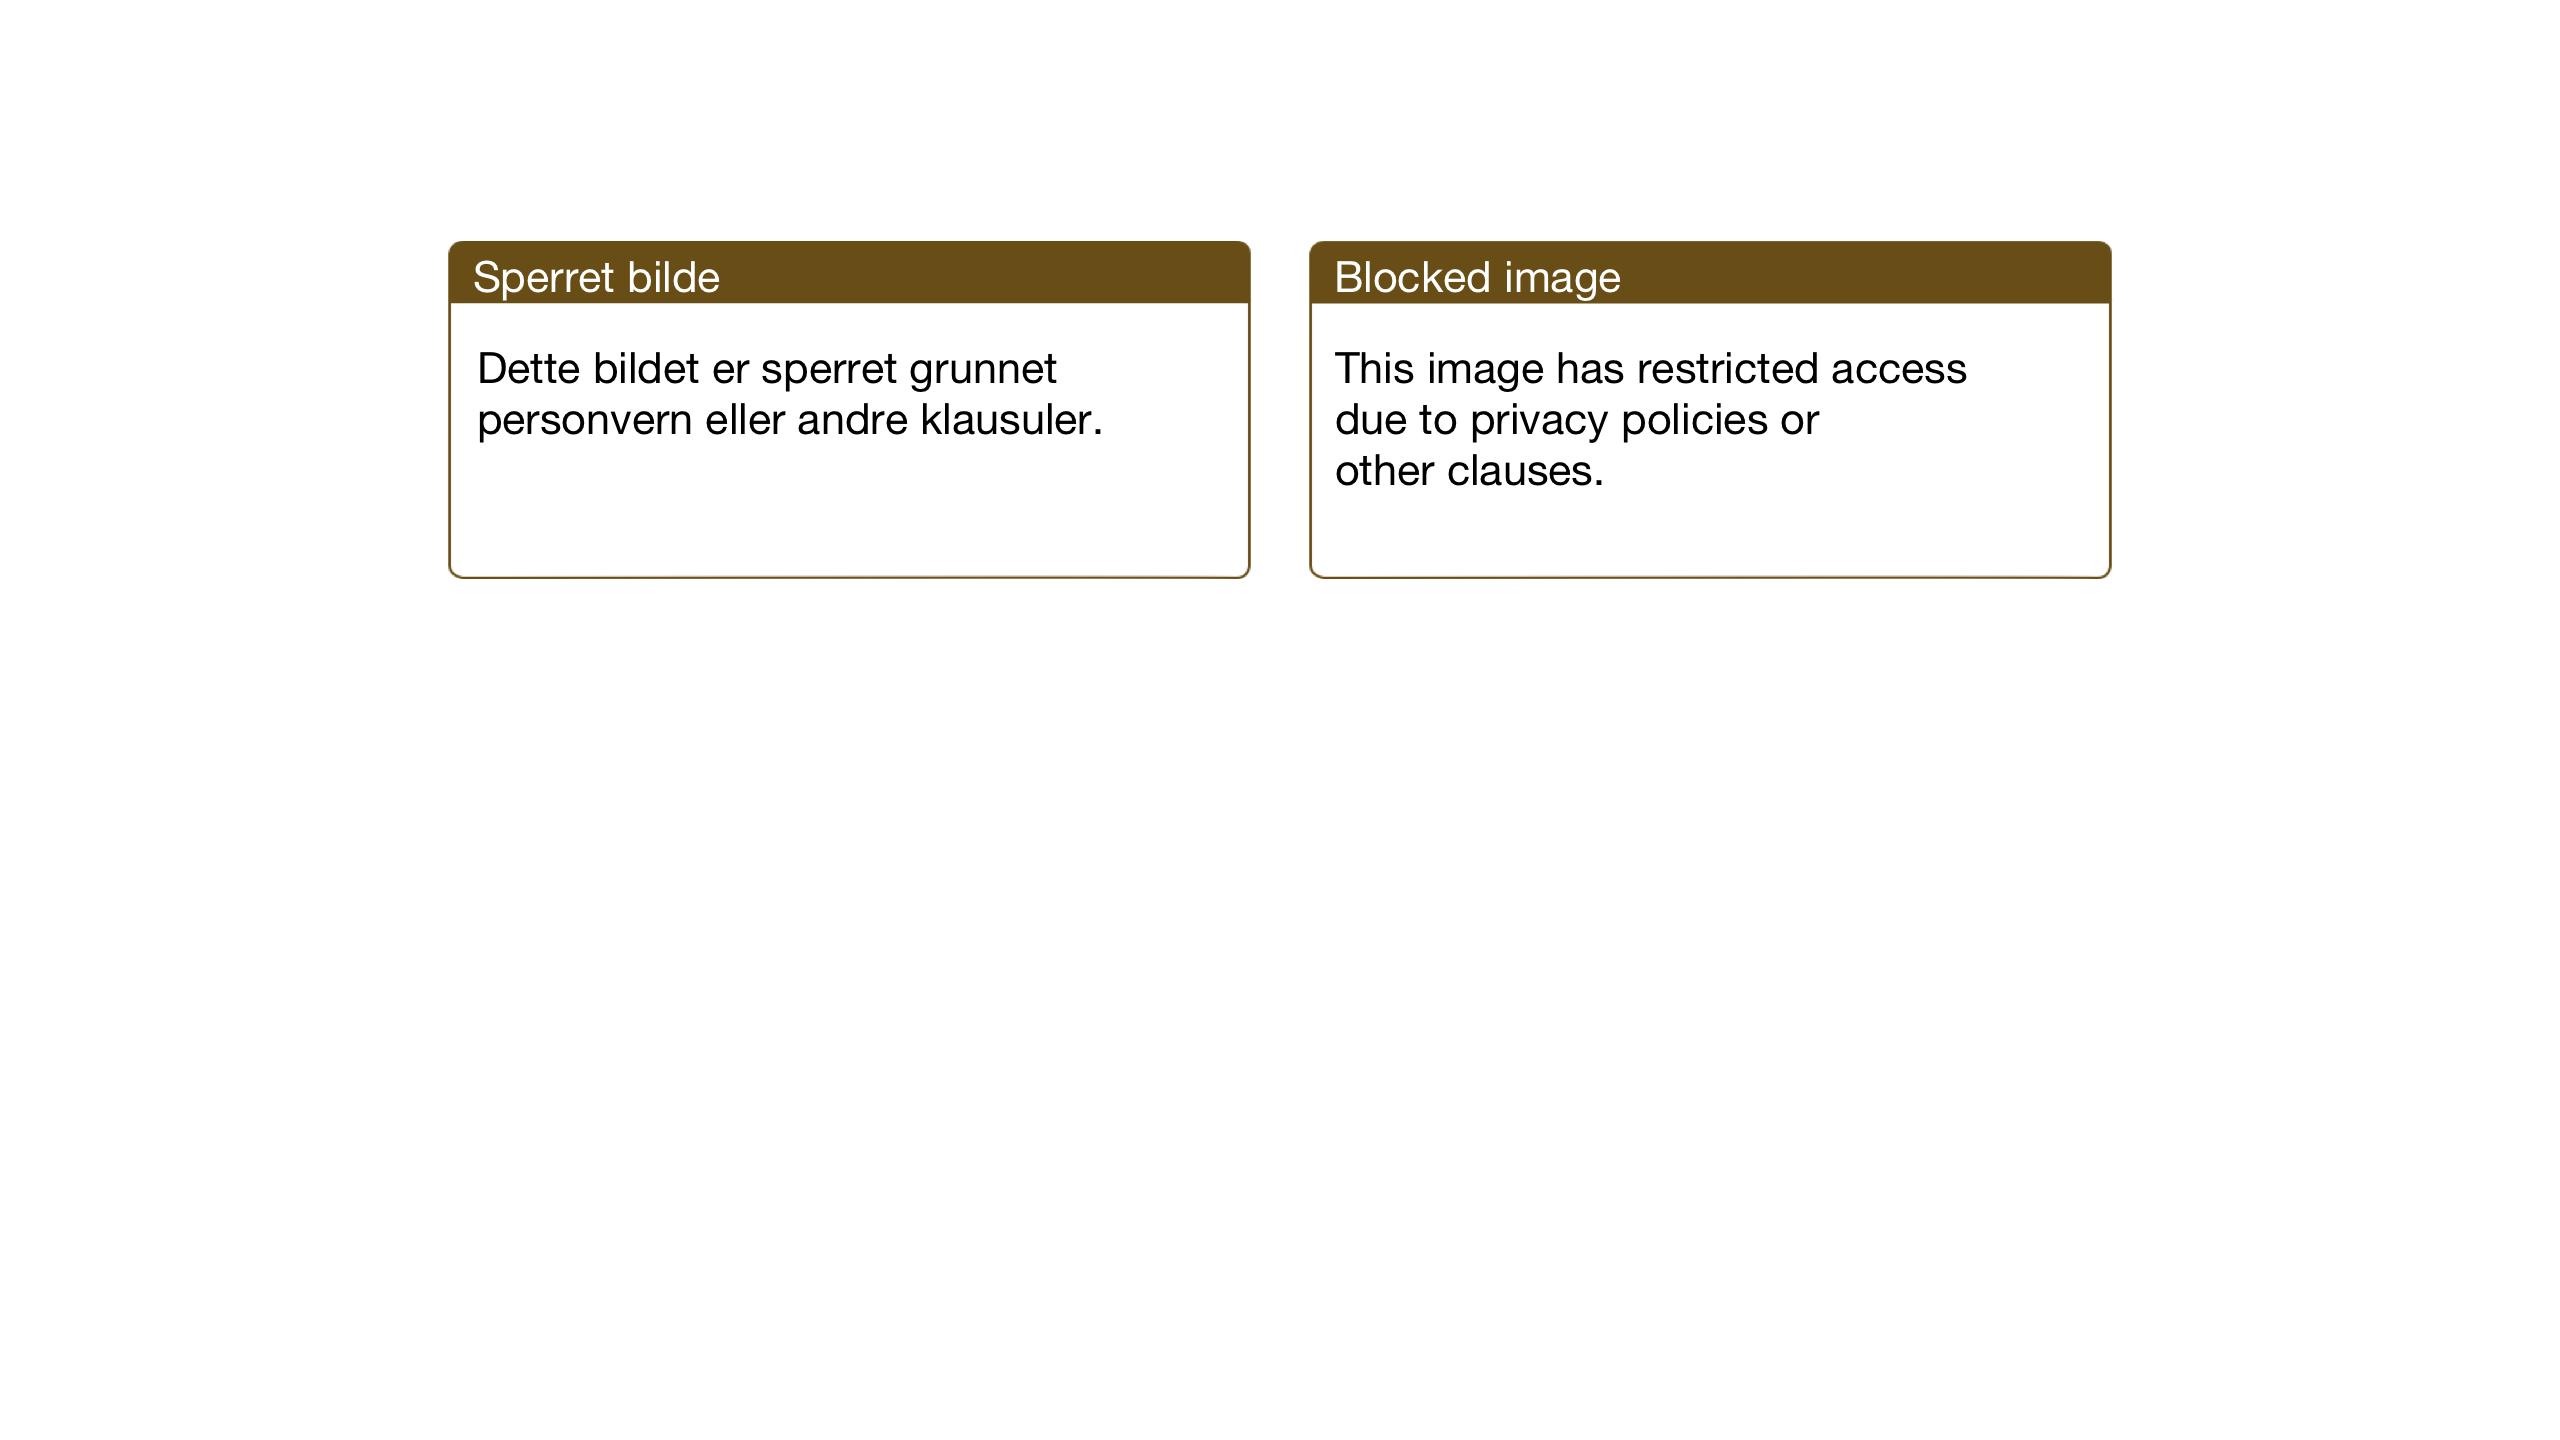 SAT, Ministerialprotokoller, klokkerbøker og fødselsregistre - Sør-Trøndelag, 681/L0944: Klokkerbok nr. 681C08, 1926-1954, s. 27